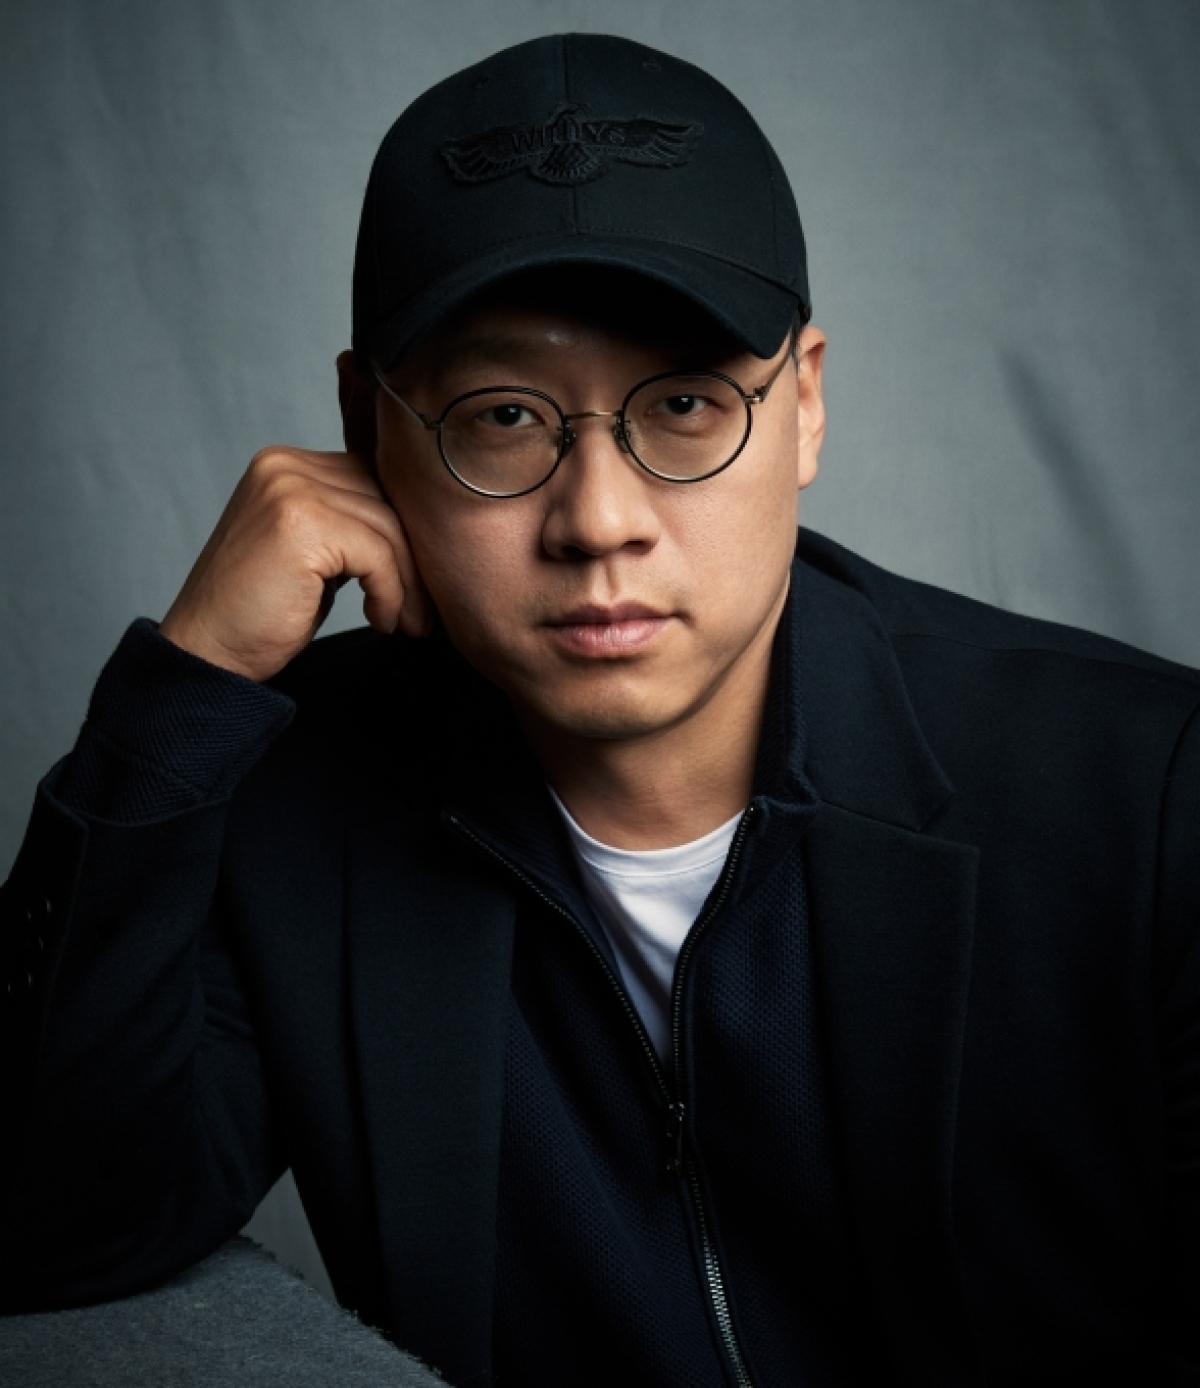 Đạo diễn Kim Seung Hoon.